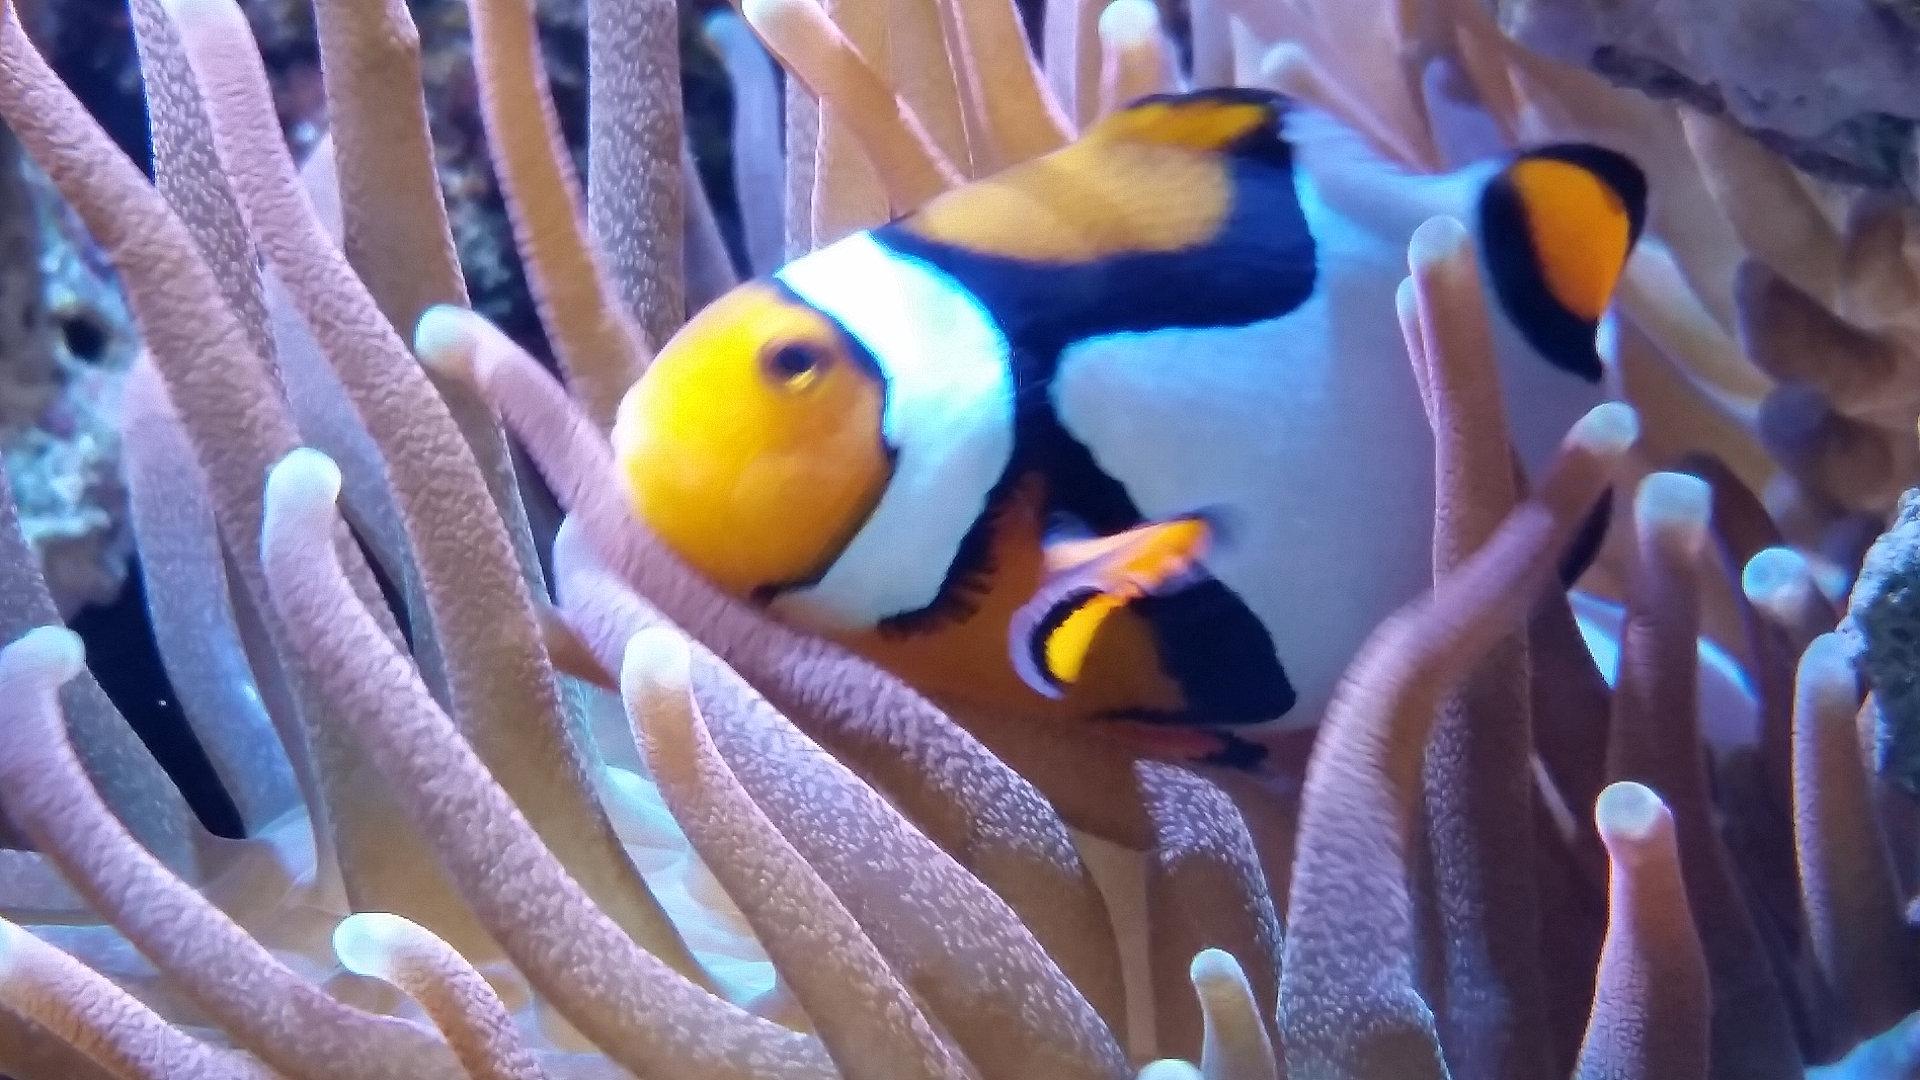 Fish aquarium in bangladesh - Aquarium Sales Service Installation